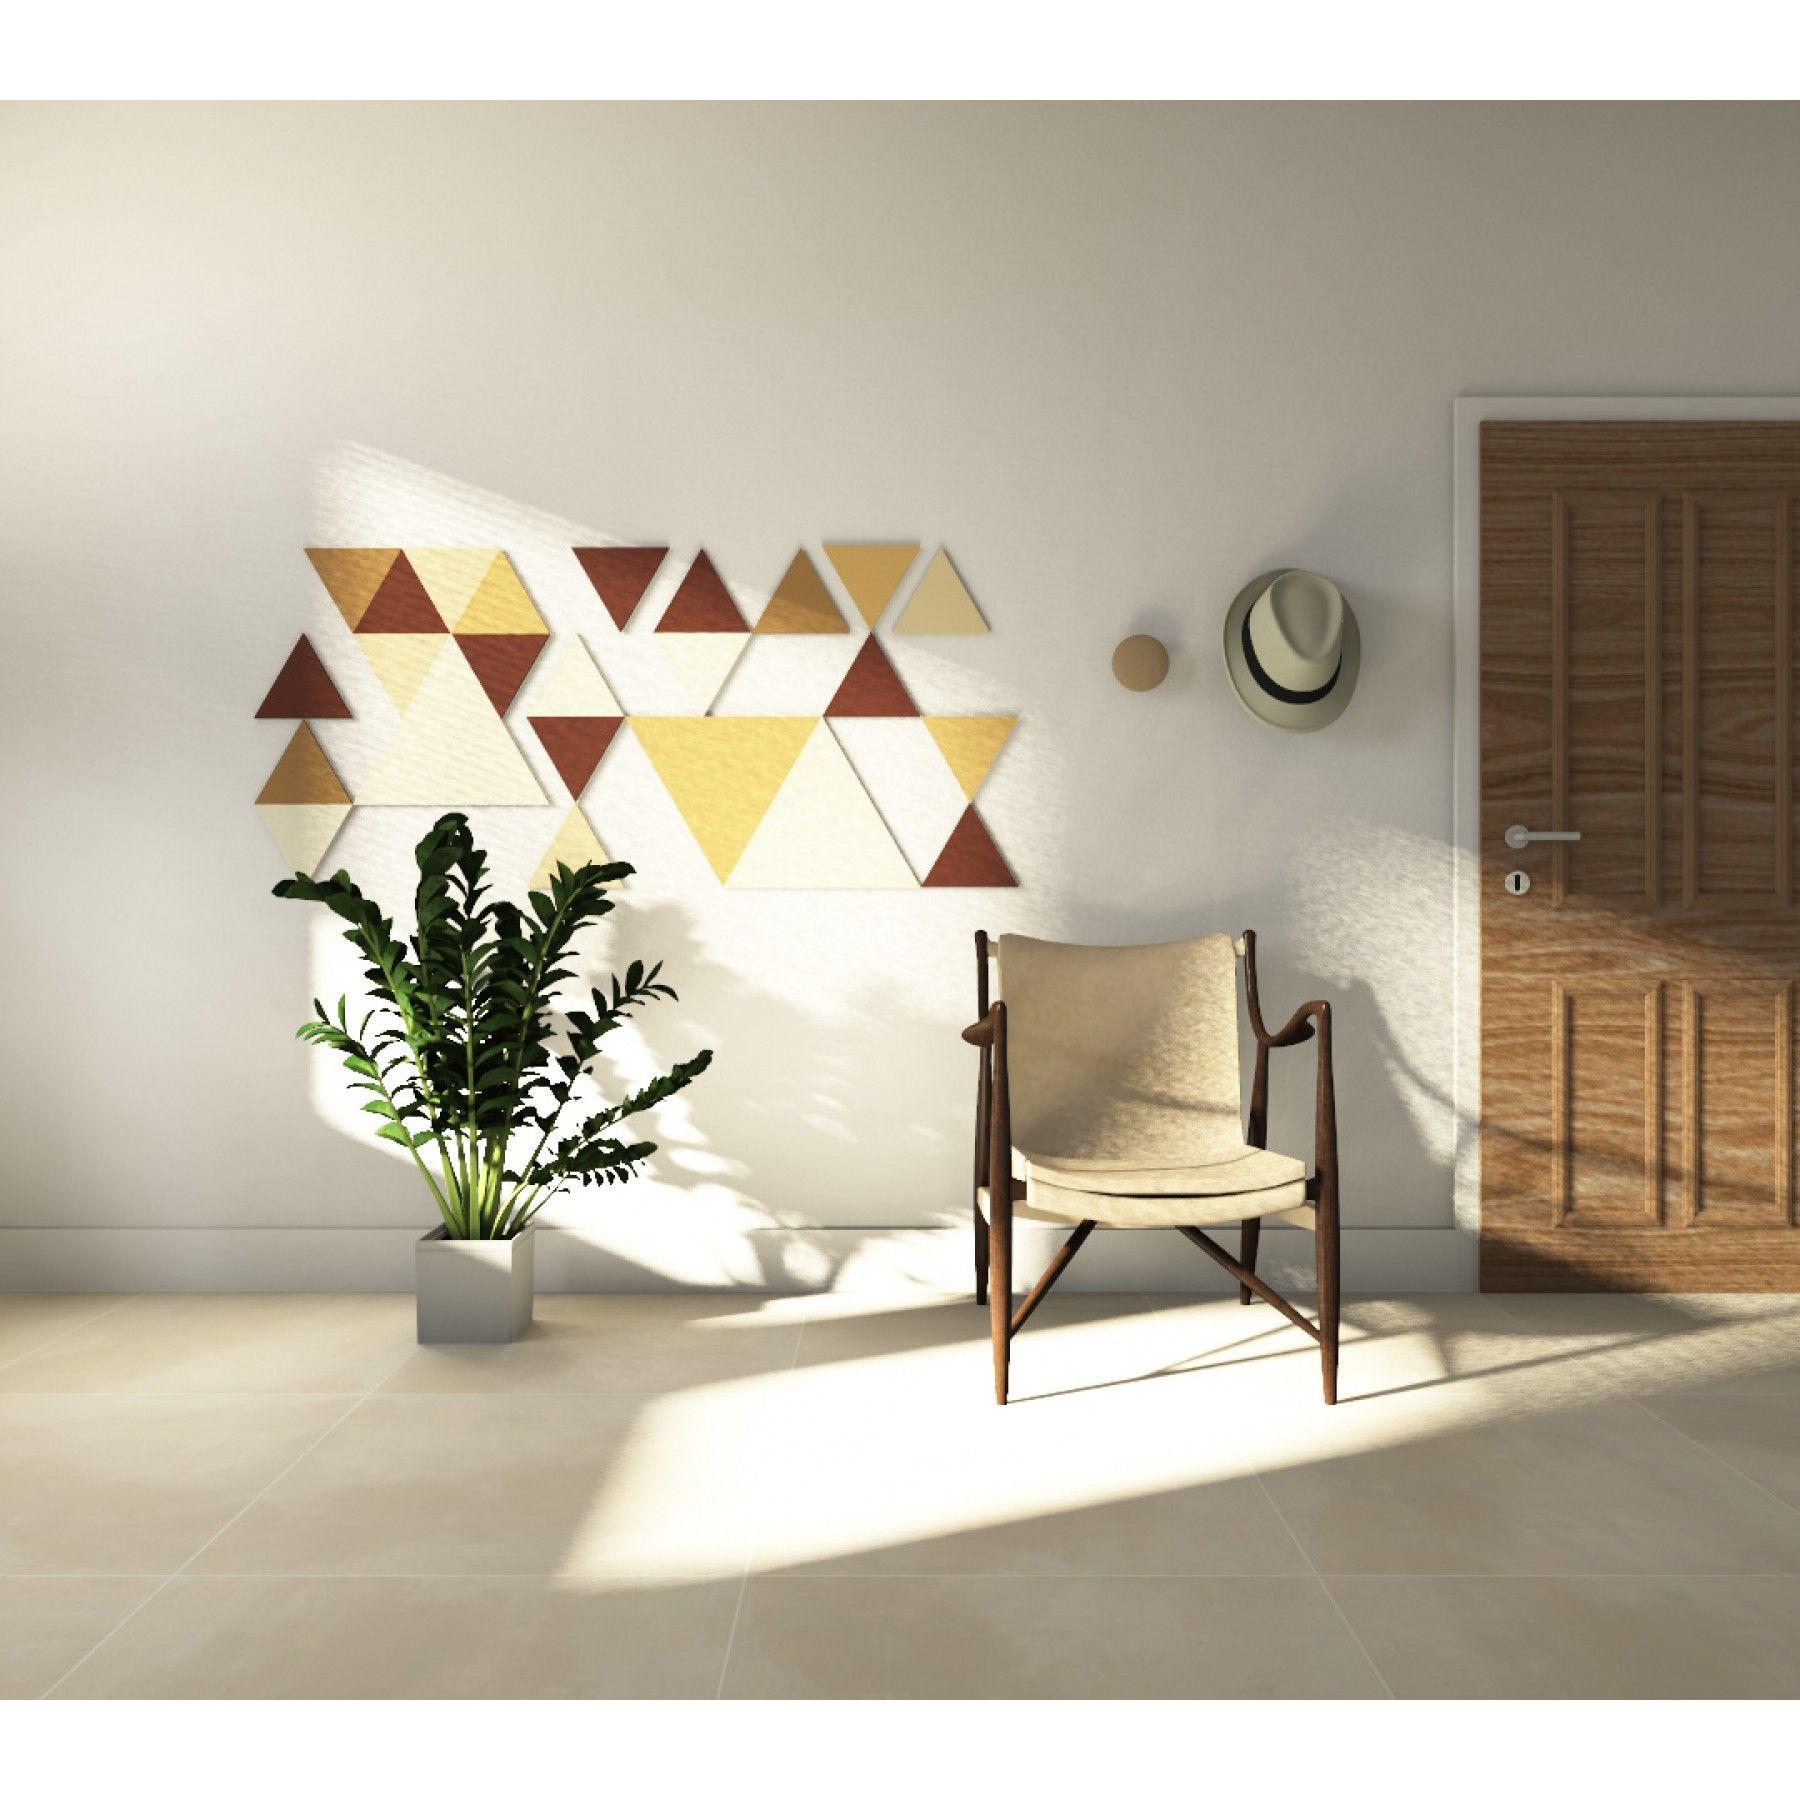 die bodenfliese leeds in der farbe beige zeichnet sich durch ihre eindrucksvolle wirkung aus. Black Bedroom Furniture Sets. Home Design Ideas